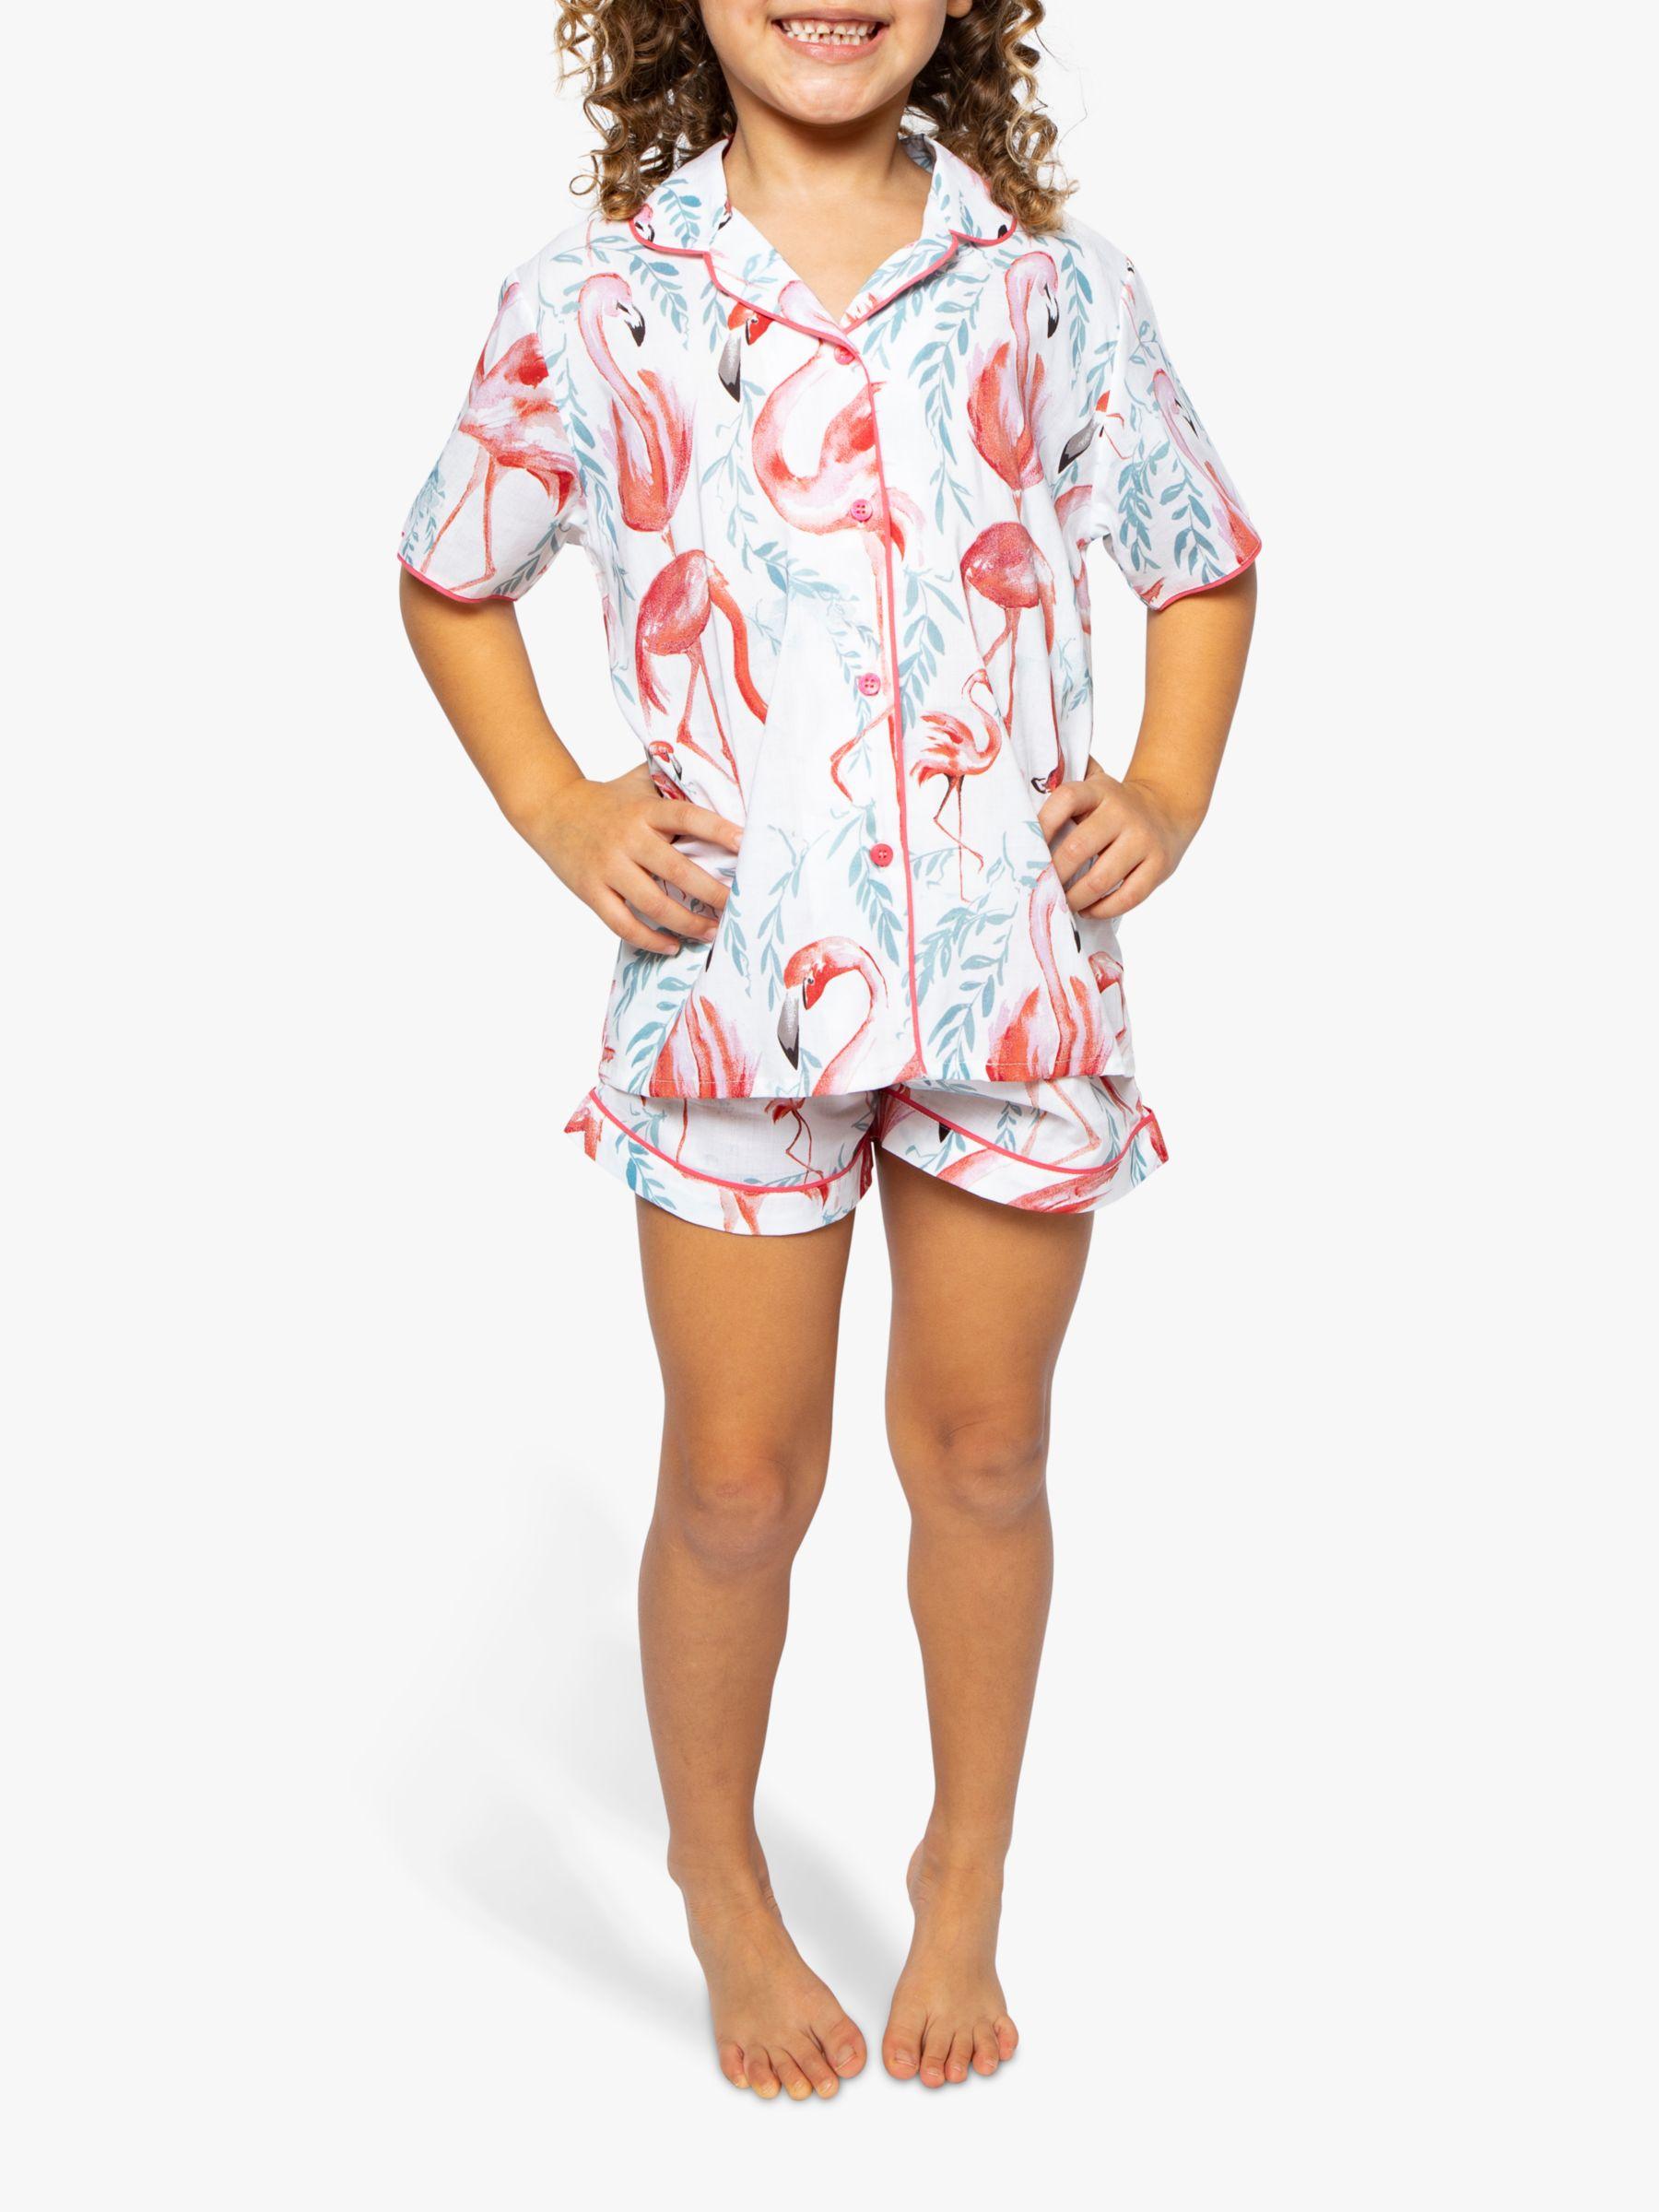 Cyberjammies Cyberjammies Girls' Flamingo Shortie Pyjama Set, White